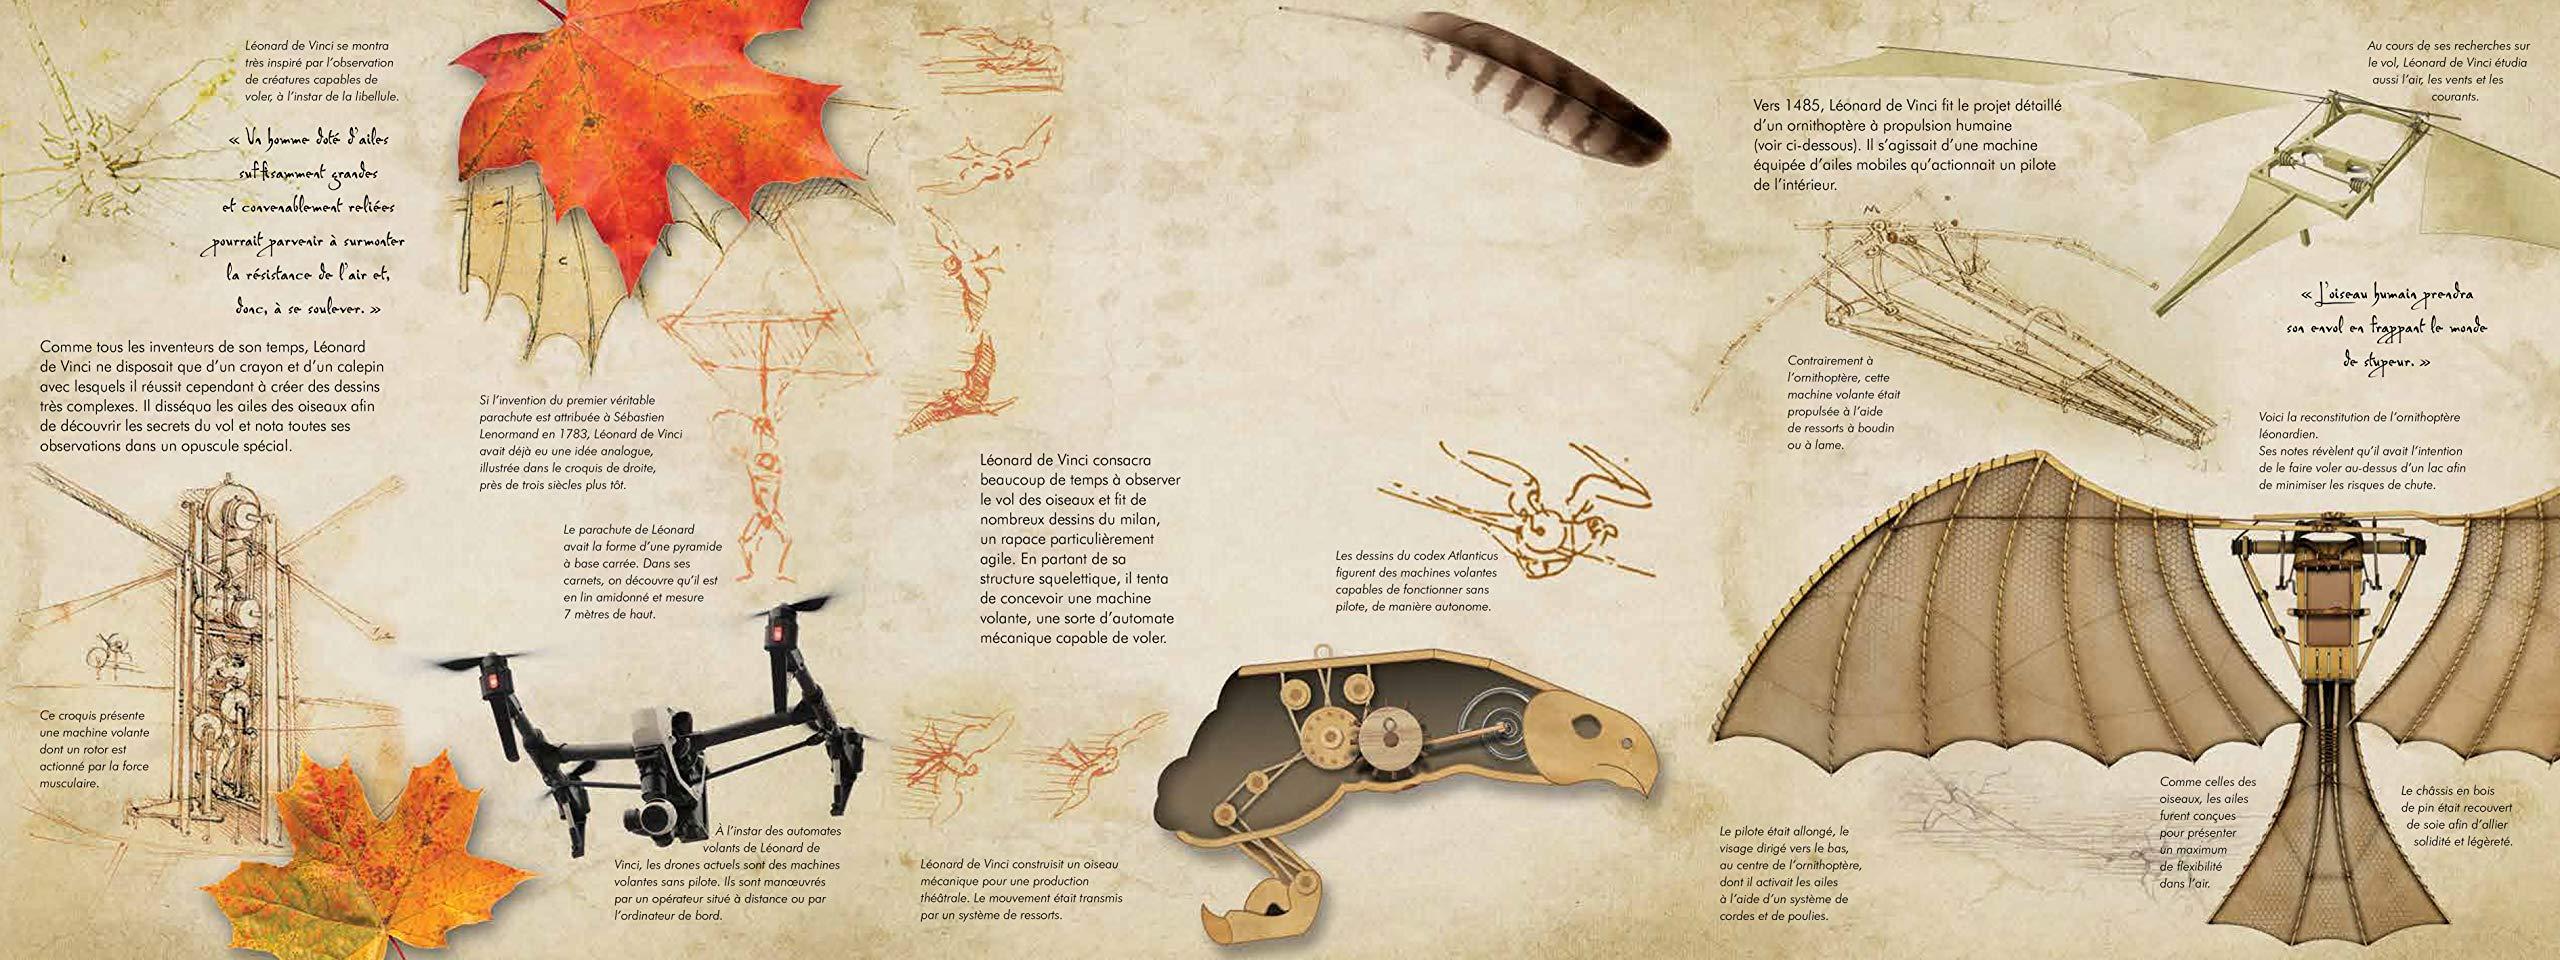 Vinci et l'aéro-spaciale